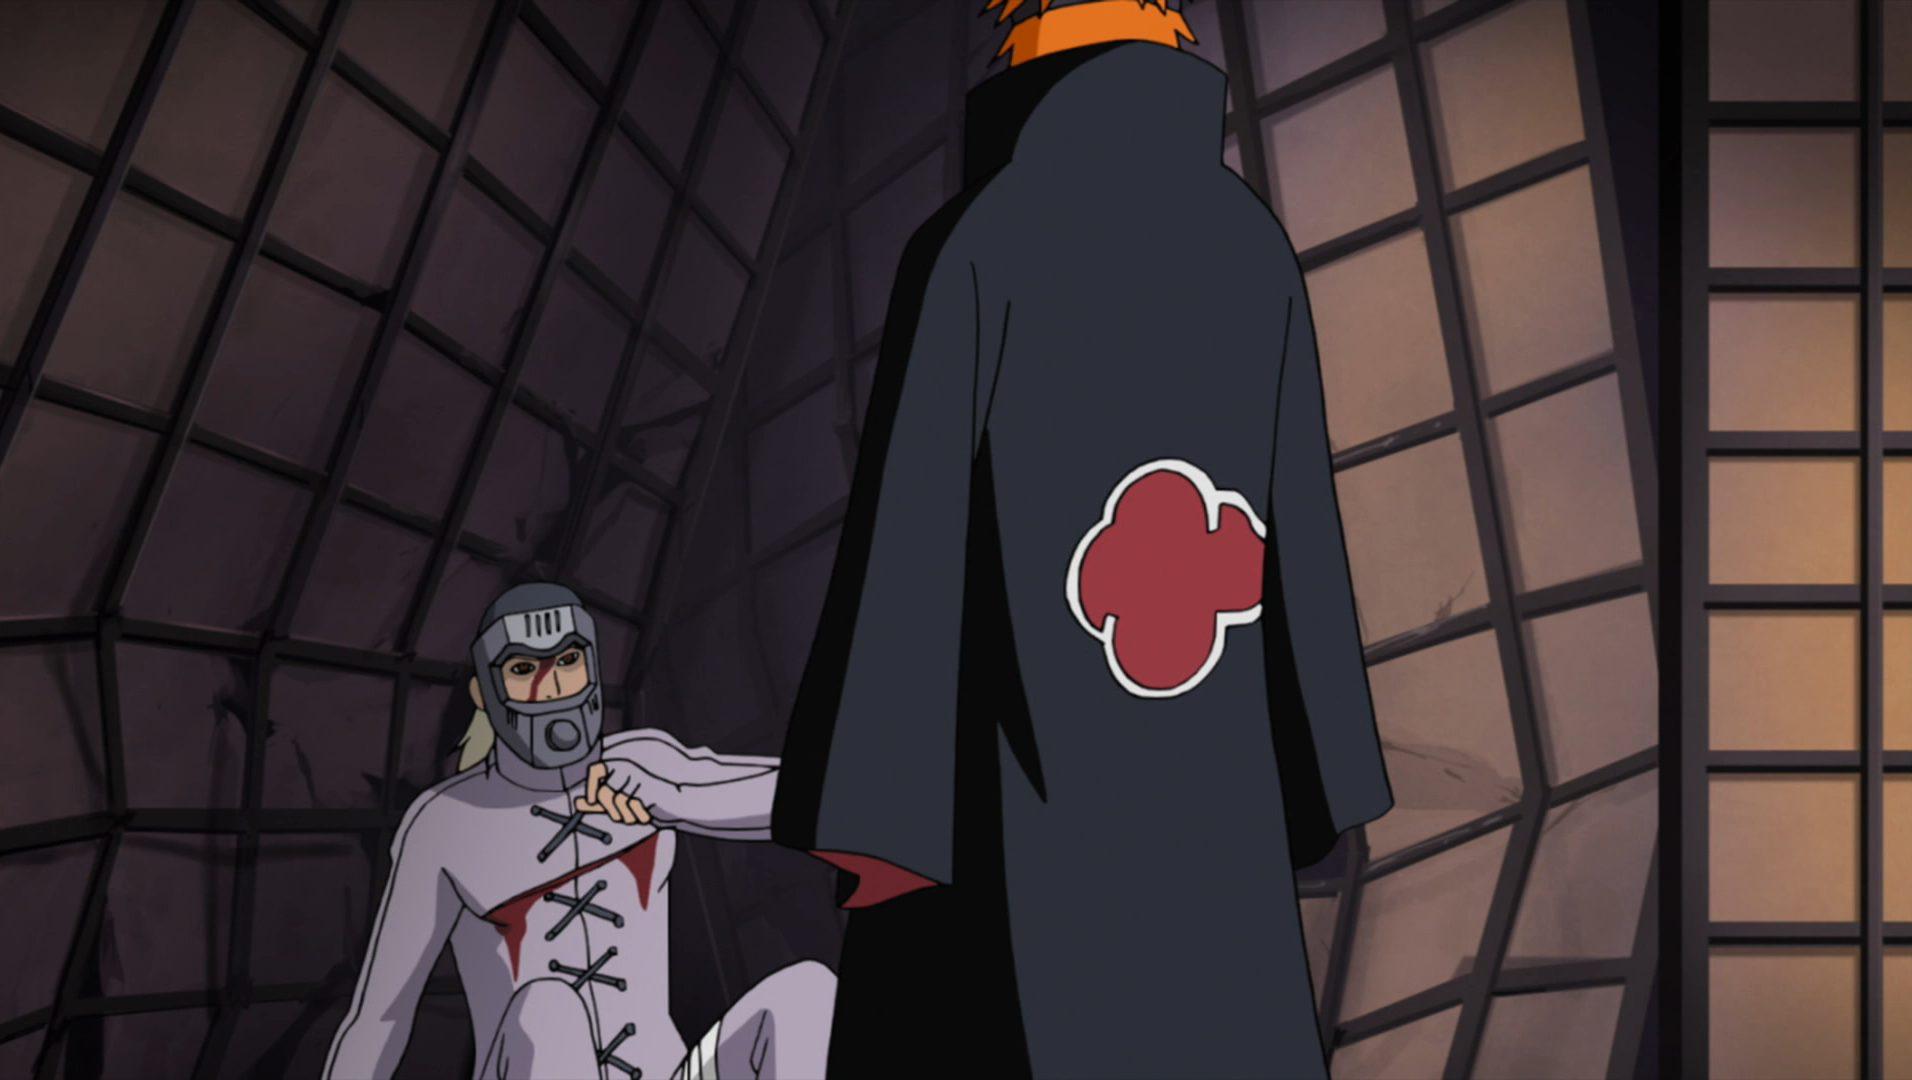 5 Pertempuran Hebat yang Tak Ditampilkan di Anime Naruto 7